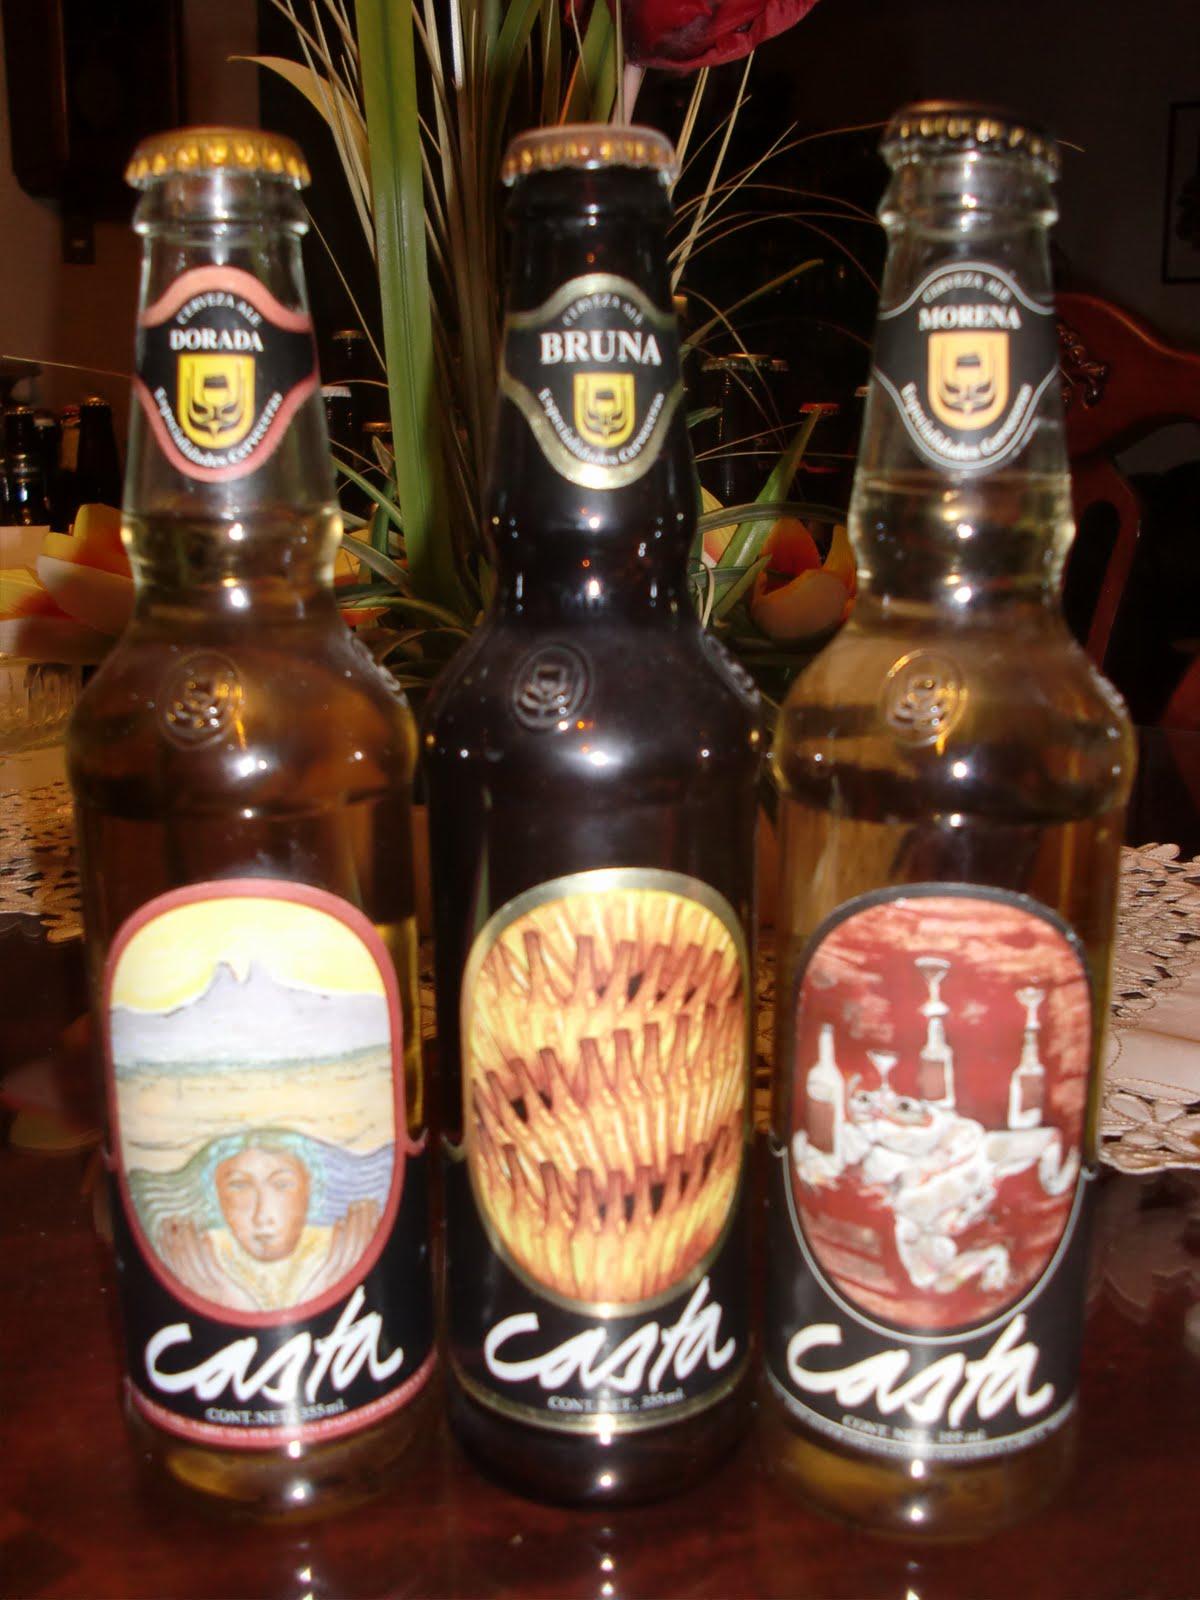 Resultado de imagen para cerveza casta